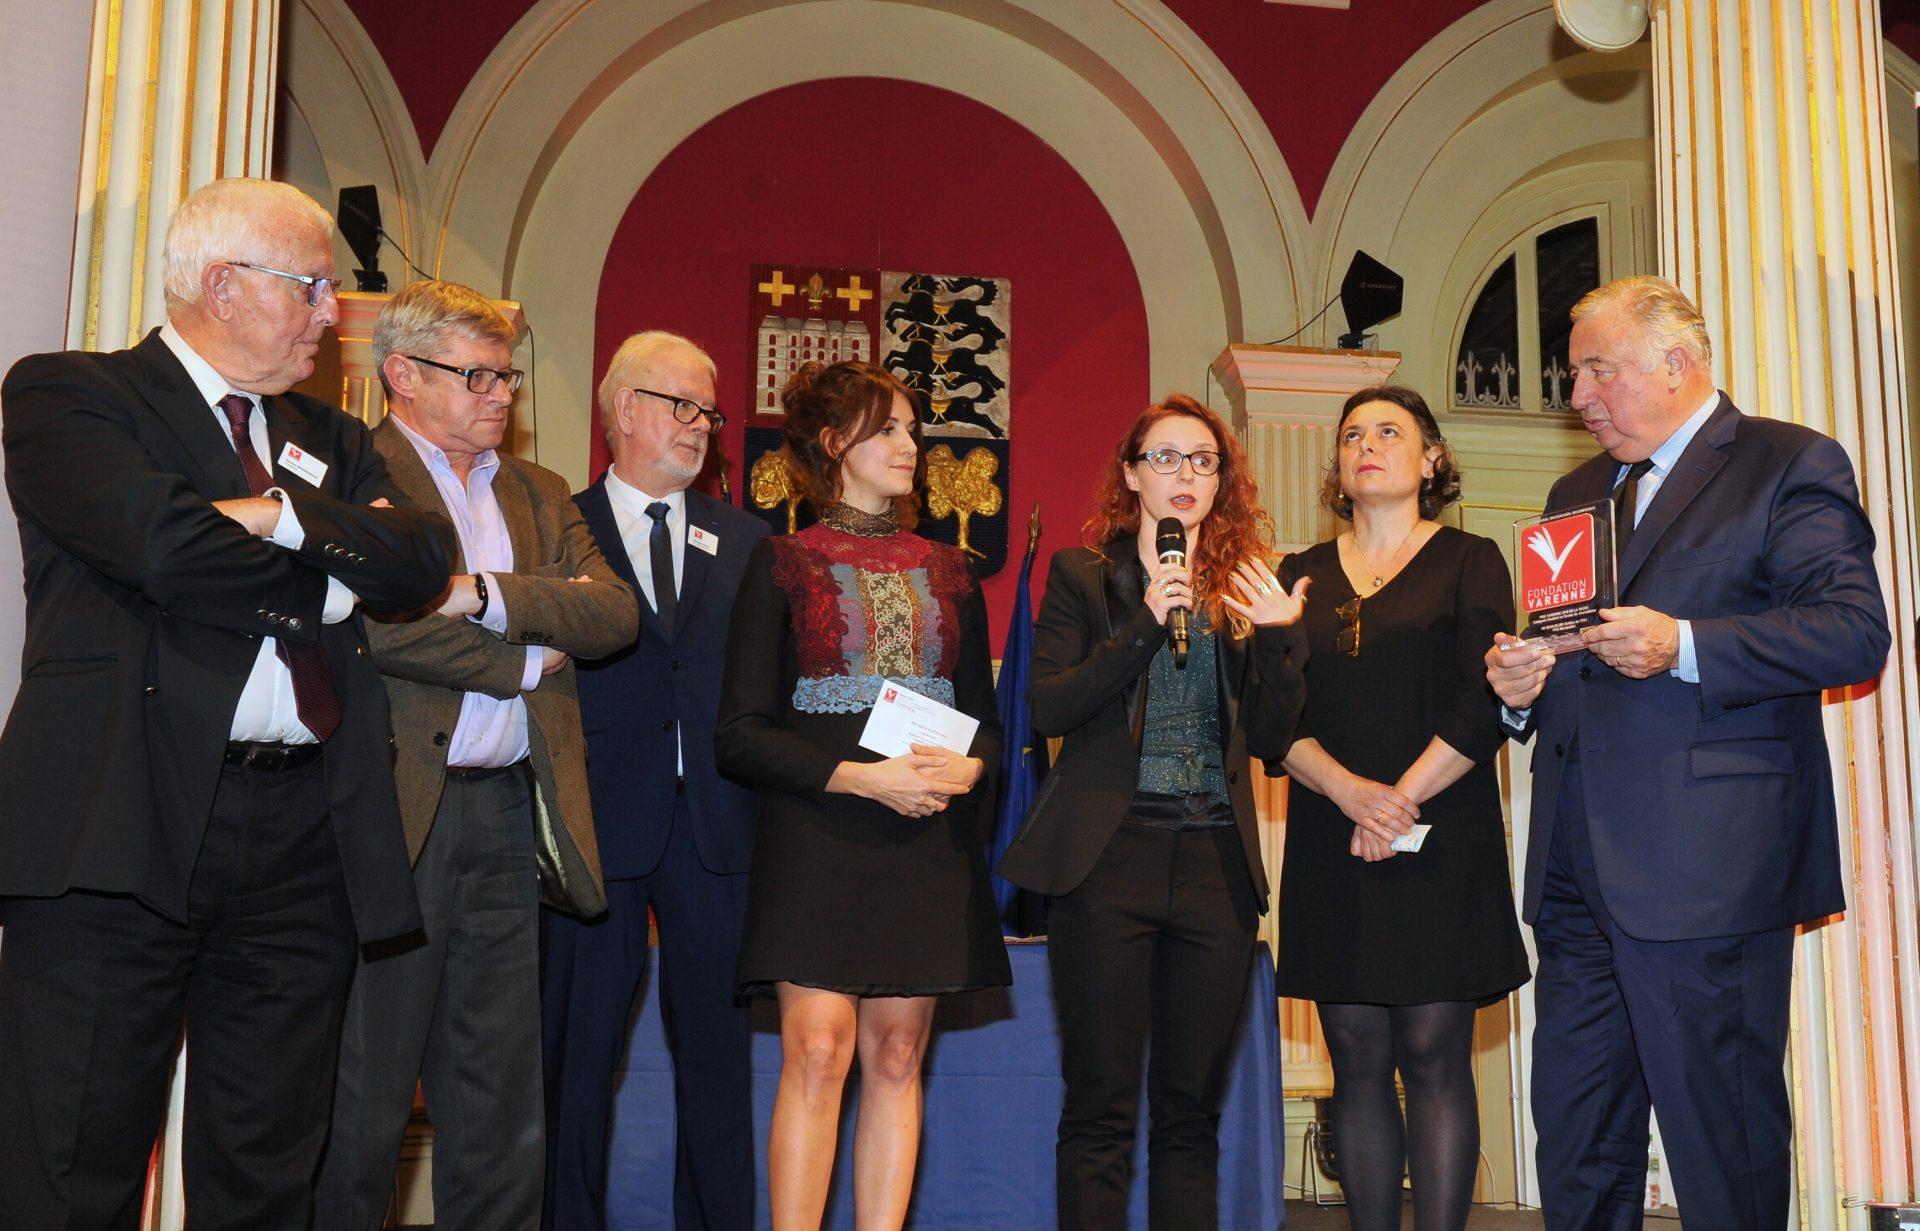 Prix École de journalisme radio à Bettina de GUGLIELMO de l'ESJ Pro de Montpellier.